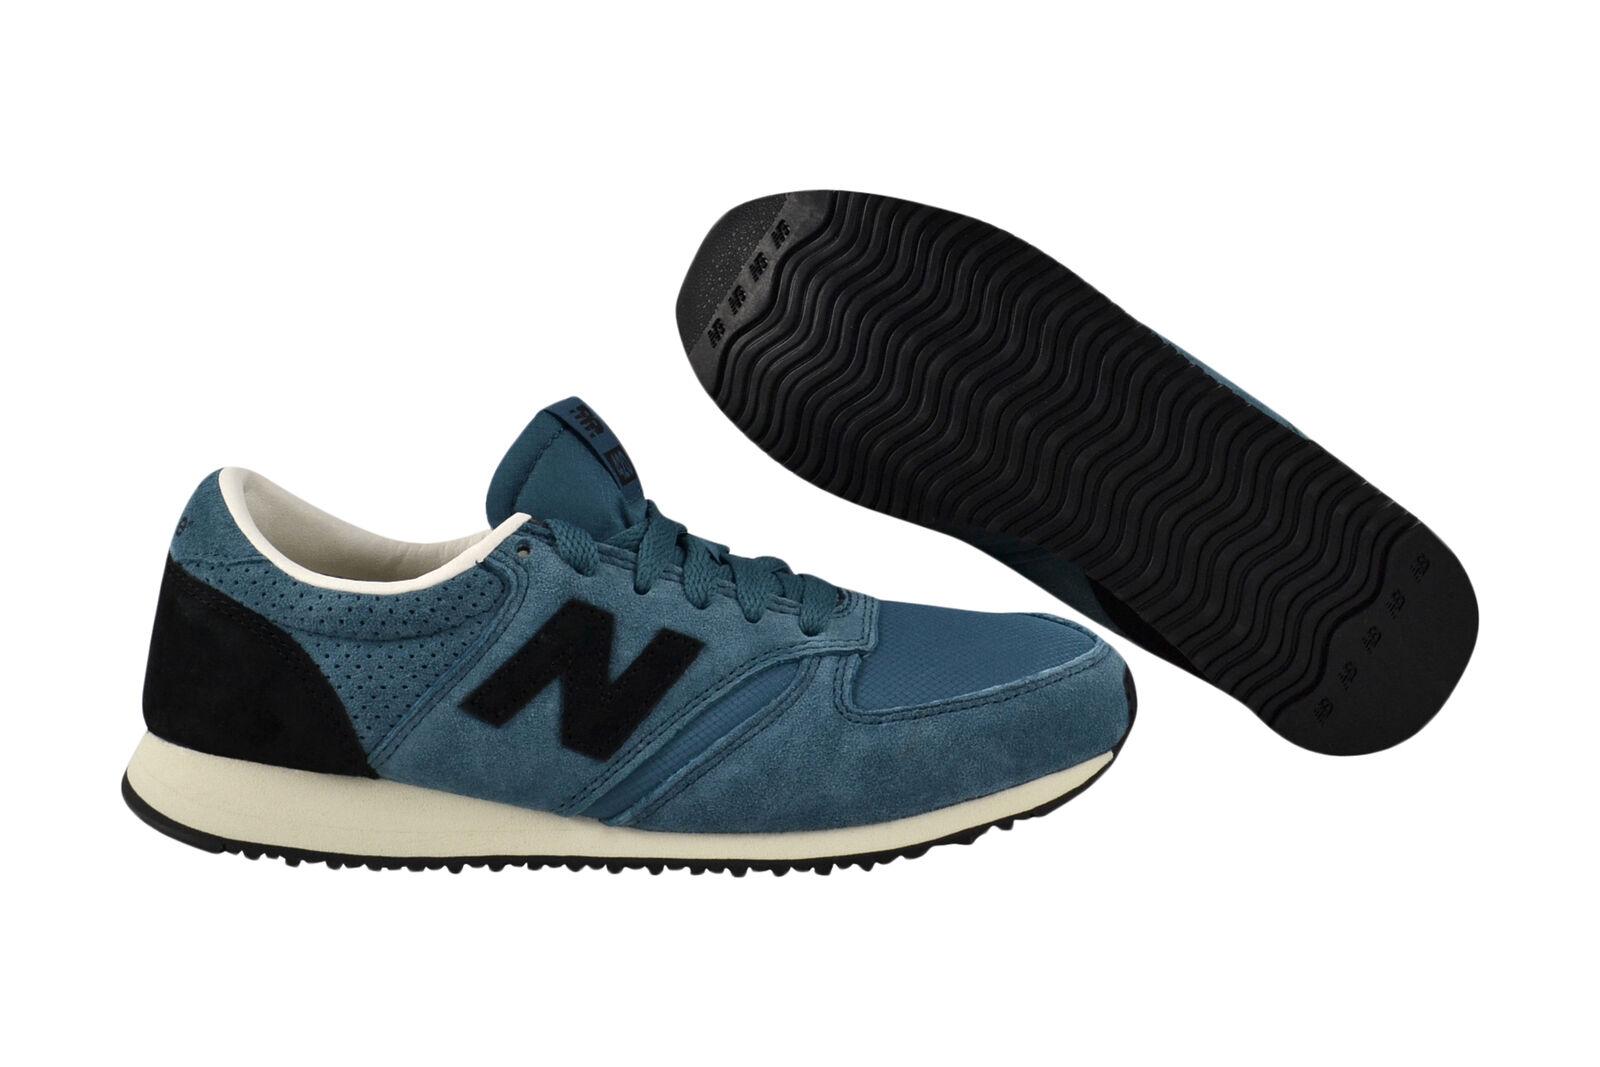 NEW Balance u420 PK PK PK PETROL Sneaker/scarpe blu u420pk 7ffd23